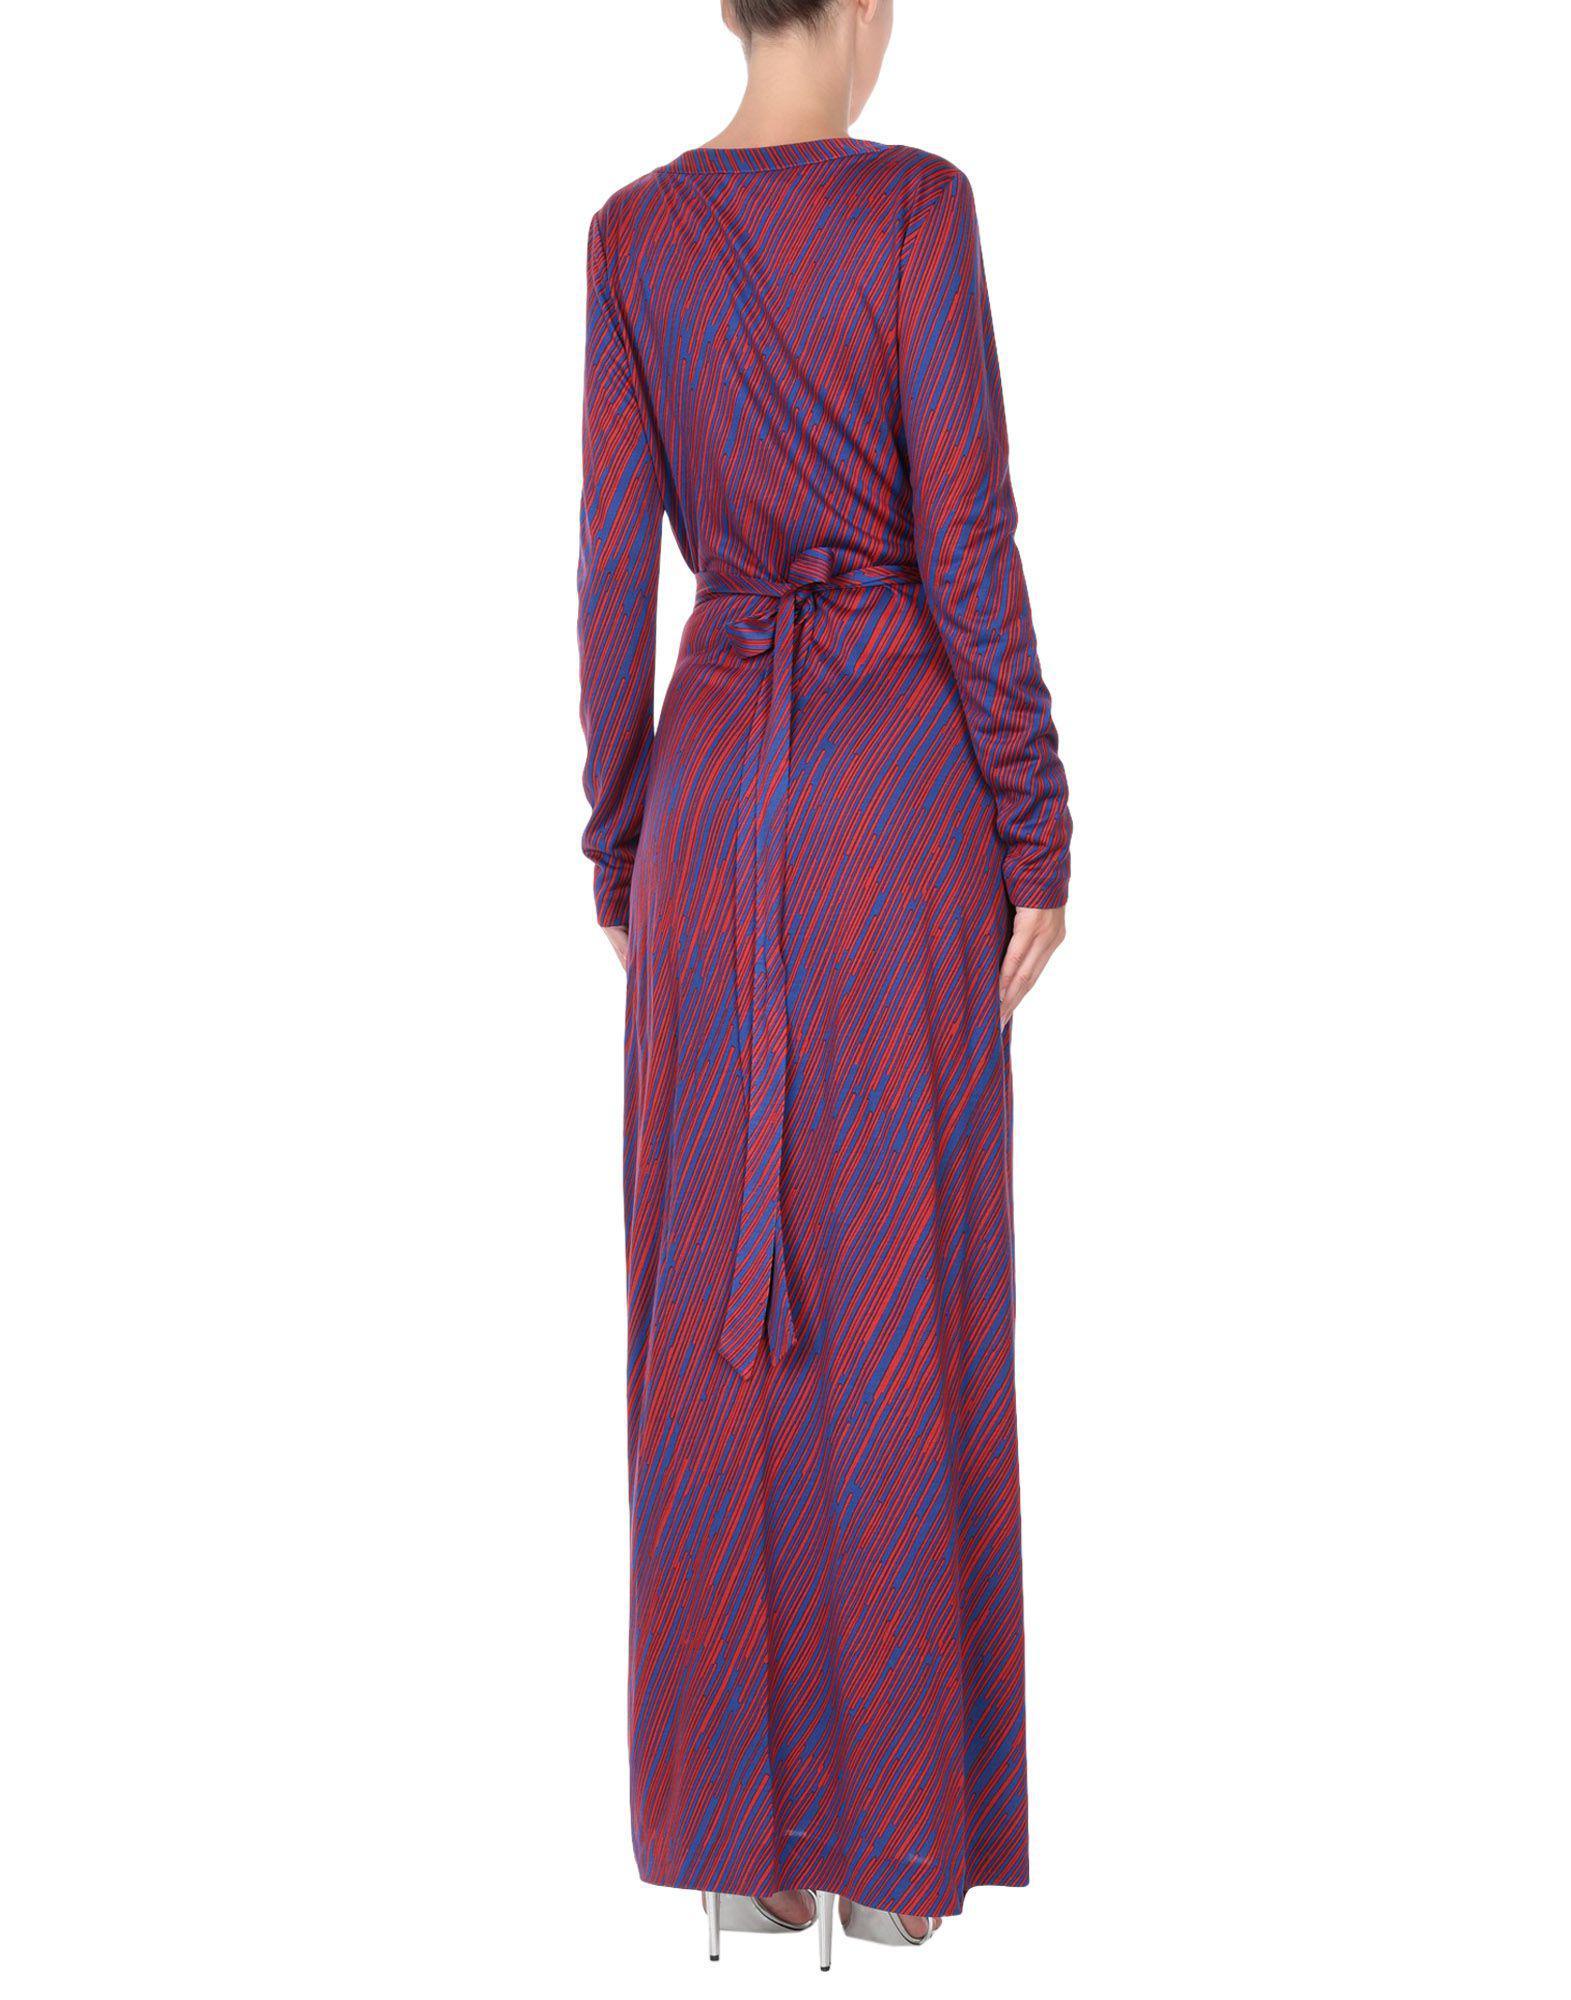 Lyst - Vestido largo Diane von Furstenberg de color Morado 38cedf56eb1e